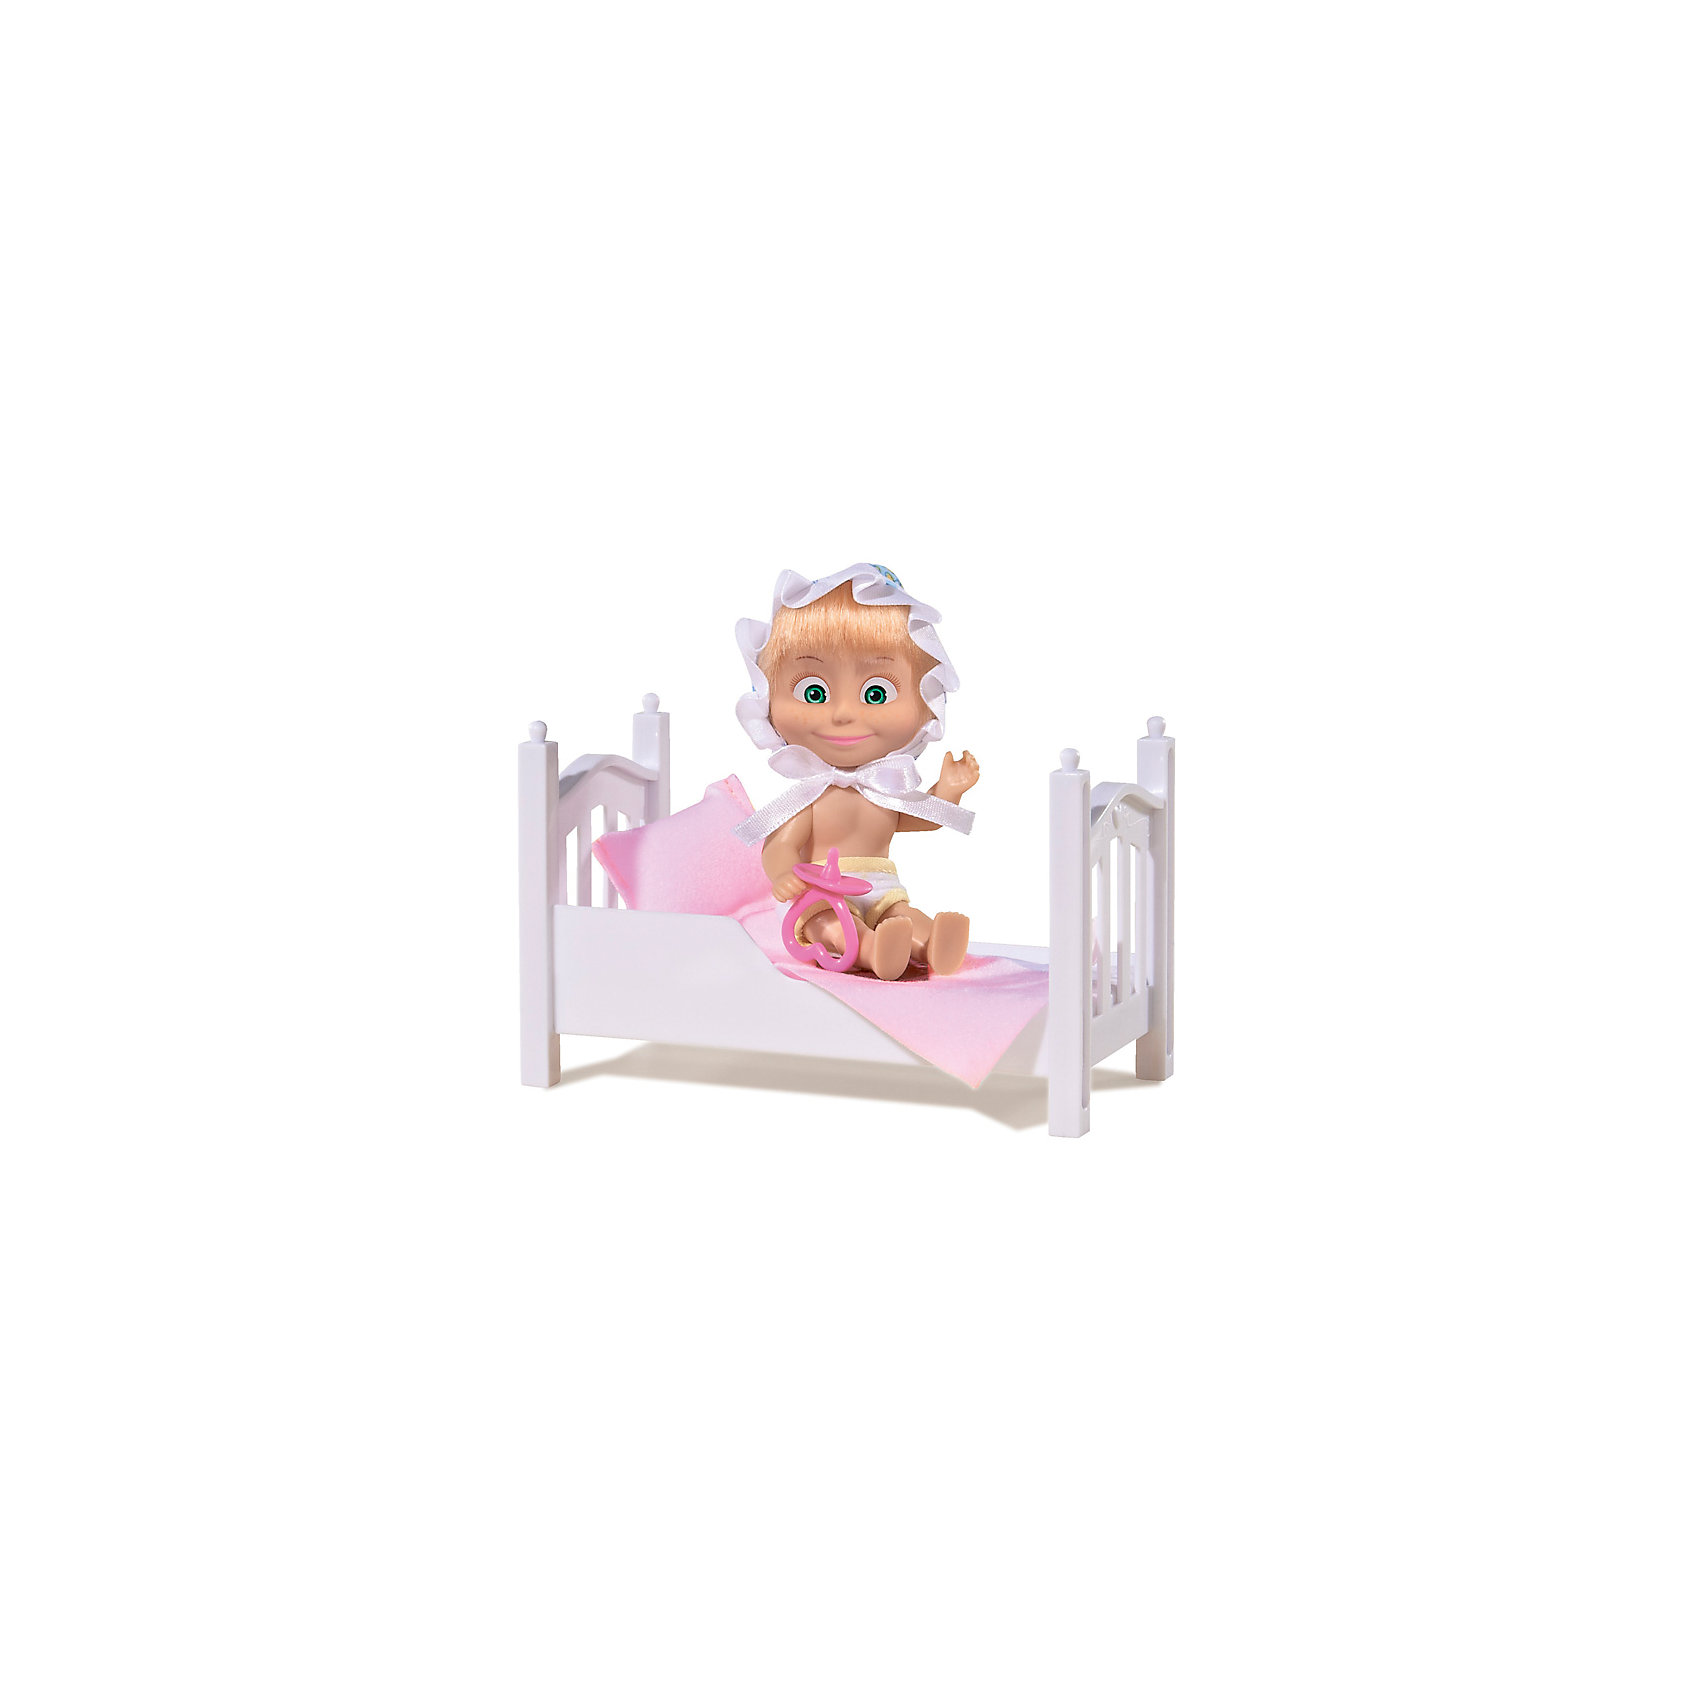 Кукла Маша с кроваткой, Маша и Медведь, SimbaМини-куклы<br>Кукла Маша с кроваткой, Маша и Медведь, Simba (Симба) – это прекрасный ситуационный набор по мотивам мультсериала Маша и медведь.<br>Главная героиня знаменитого мультика «Маша и Медведь» тоже нуждается во сне, поэтому у нее есть своя кроватка с мягким постельным бельем, а также шортики и чепчик. Чтобы кукла быстрее «уснула», ребенок может предложить ей симпатичную соску. Куколка выполнена из мягкого винила, ее волосы красиво блестят, а удивленно распахнутые глаза нанесены с помощью стойких красок. Ручки и ножки Маши подвижны, и ей можно придавать различные позы, оживляя игру. Кукла может стоять. Кровать Маши изготовлена из белого пластика и имеет фигурные изножье и изголовье, украшенные рельефными узорами. Чепчик озорной девчонки украшен милыми узорами и атласной оборкой, и удерживается на голове куклы при помощи завязок. Подушка и совмещенный с ней матрасик произведены из приятного на ощупь материала и при необходимости легко стираются, также как и одежда Маши.<br><br>Дополнительная информация:<br><br>- В наборе: кукла, кровать, подушка и совмещенный с ней матрасик, соска для Маши<br>- Высота куклы: 12 см.<br>- Материал: пластик, винил, текстиль<br>- Размер упаковки: 16 х 8,6 х 16 см.<br>- Вес: 200 гр.<br><br>Куклу Машу с кроваткой, Маша и Медведь, Simba (Симба) можно купить в нашем интернет-магазине.<br><br>Ширина мм: 160<br>Глубина мм: 86<br>Высота мм: 160<br>Вес г: 200<br>Возраст от месяцев: 36<br>Возраст до месяцев: 120<br>Пол: Женский<br>Возраст: Детский<br>SKU: 4315161